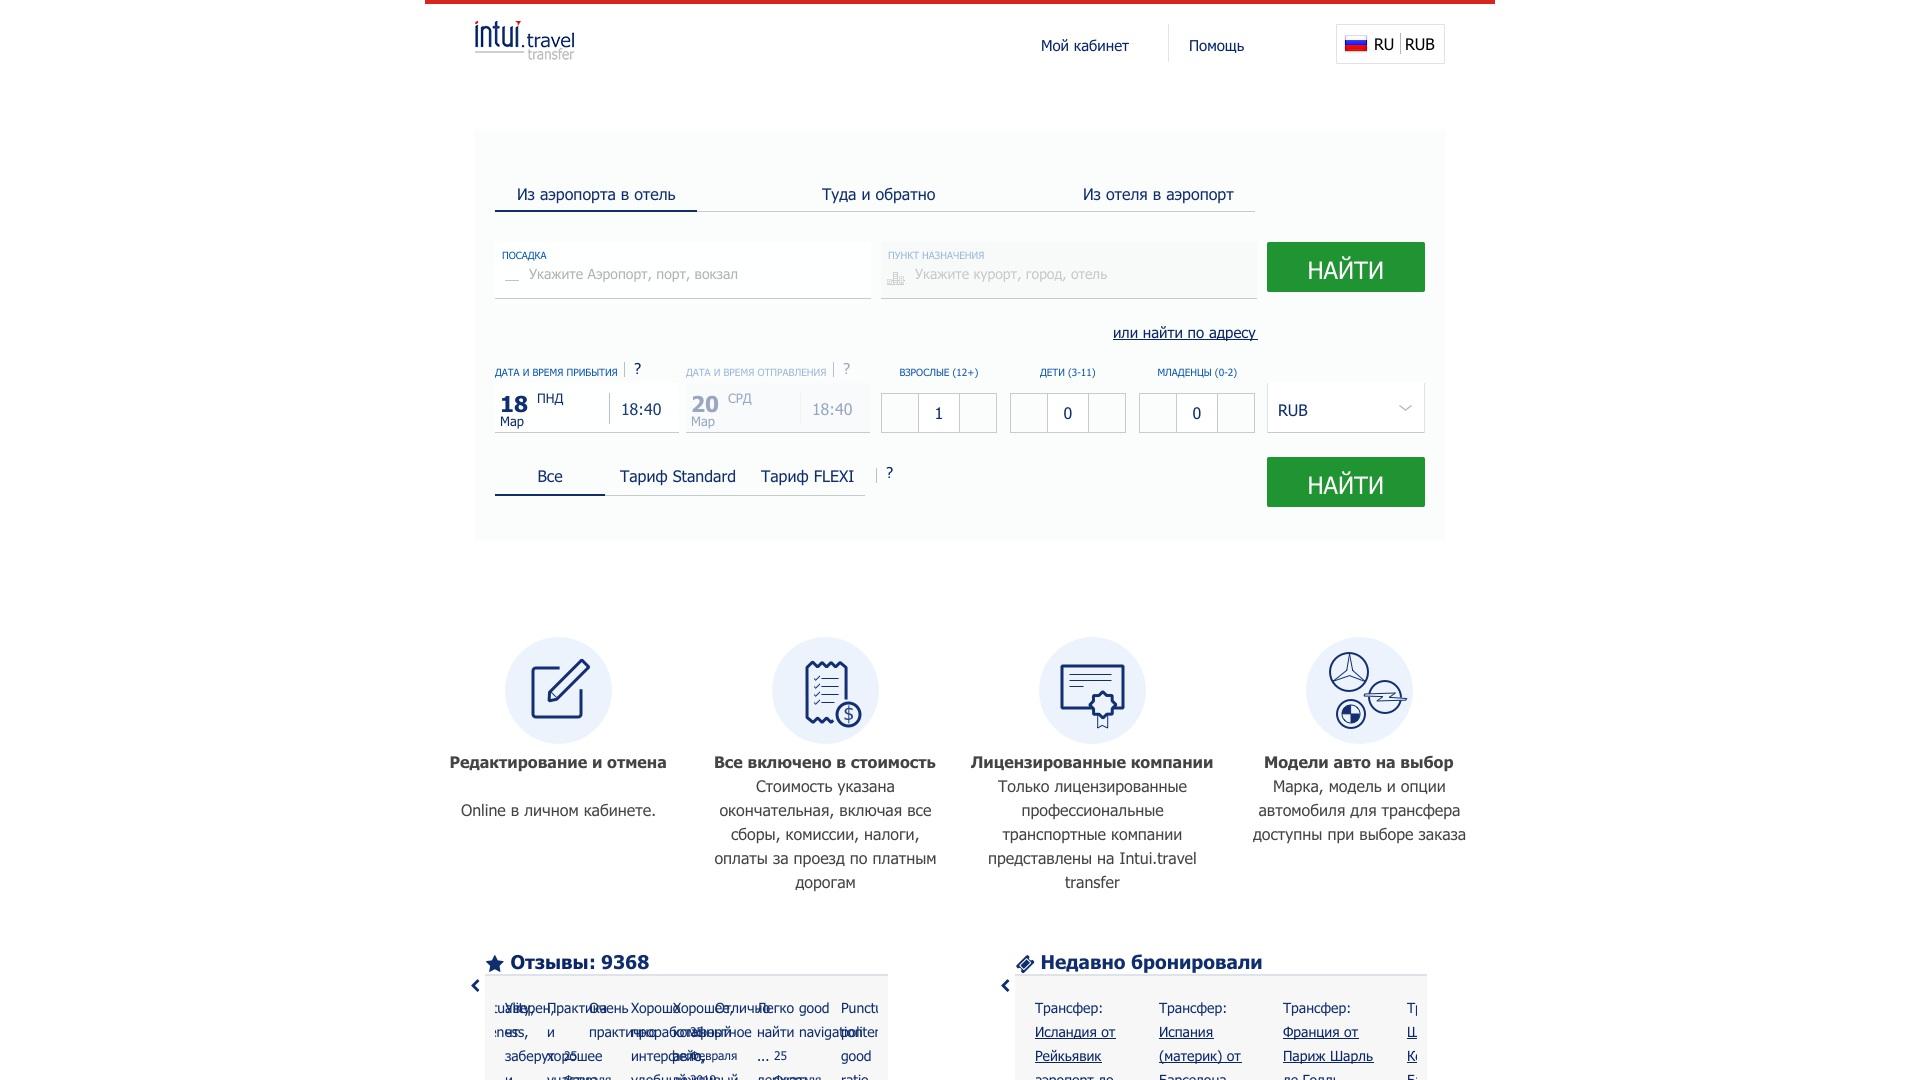 Gutschein für Intui: Rabatte für  Intui sichern